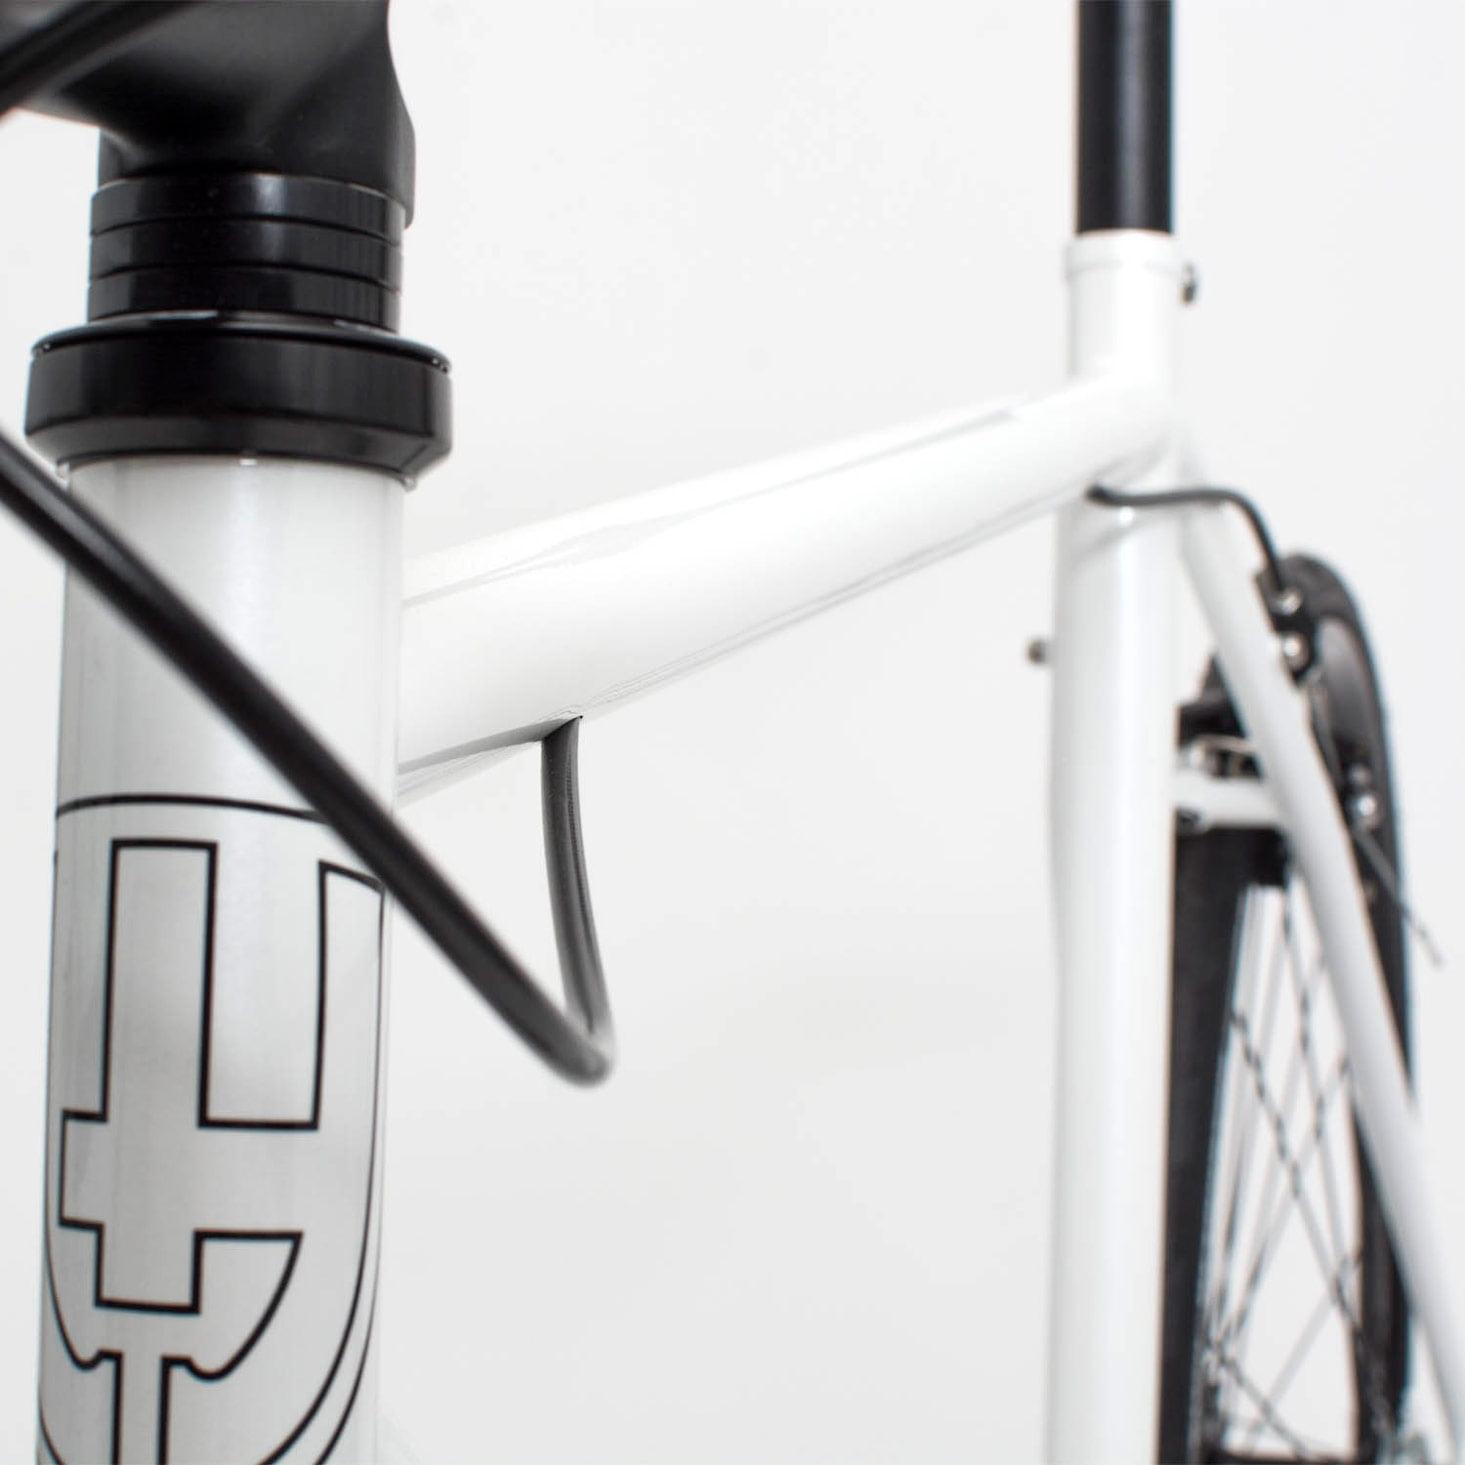 Landyachtz_Spitfire_White_3_Speed_Bikes_6_DSC4842